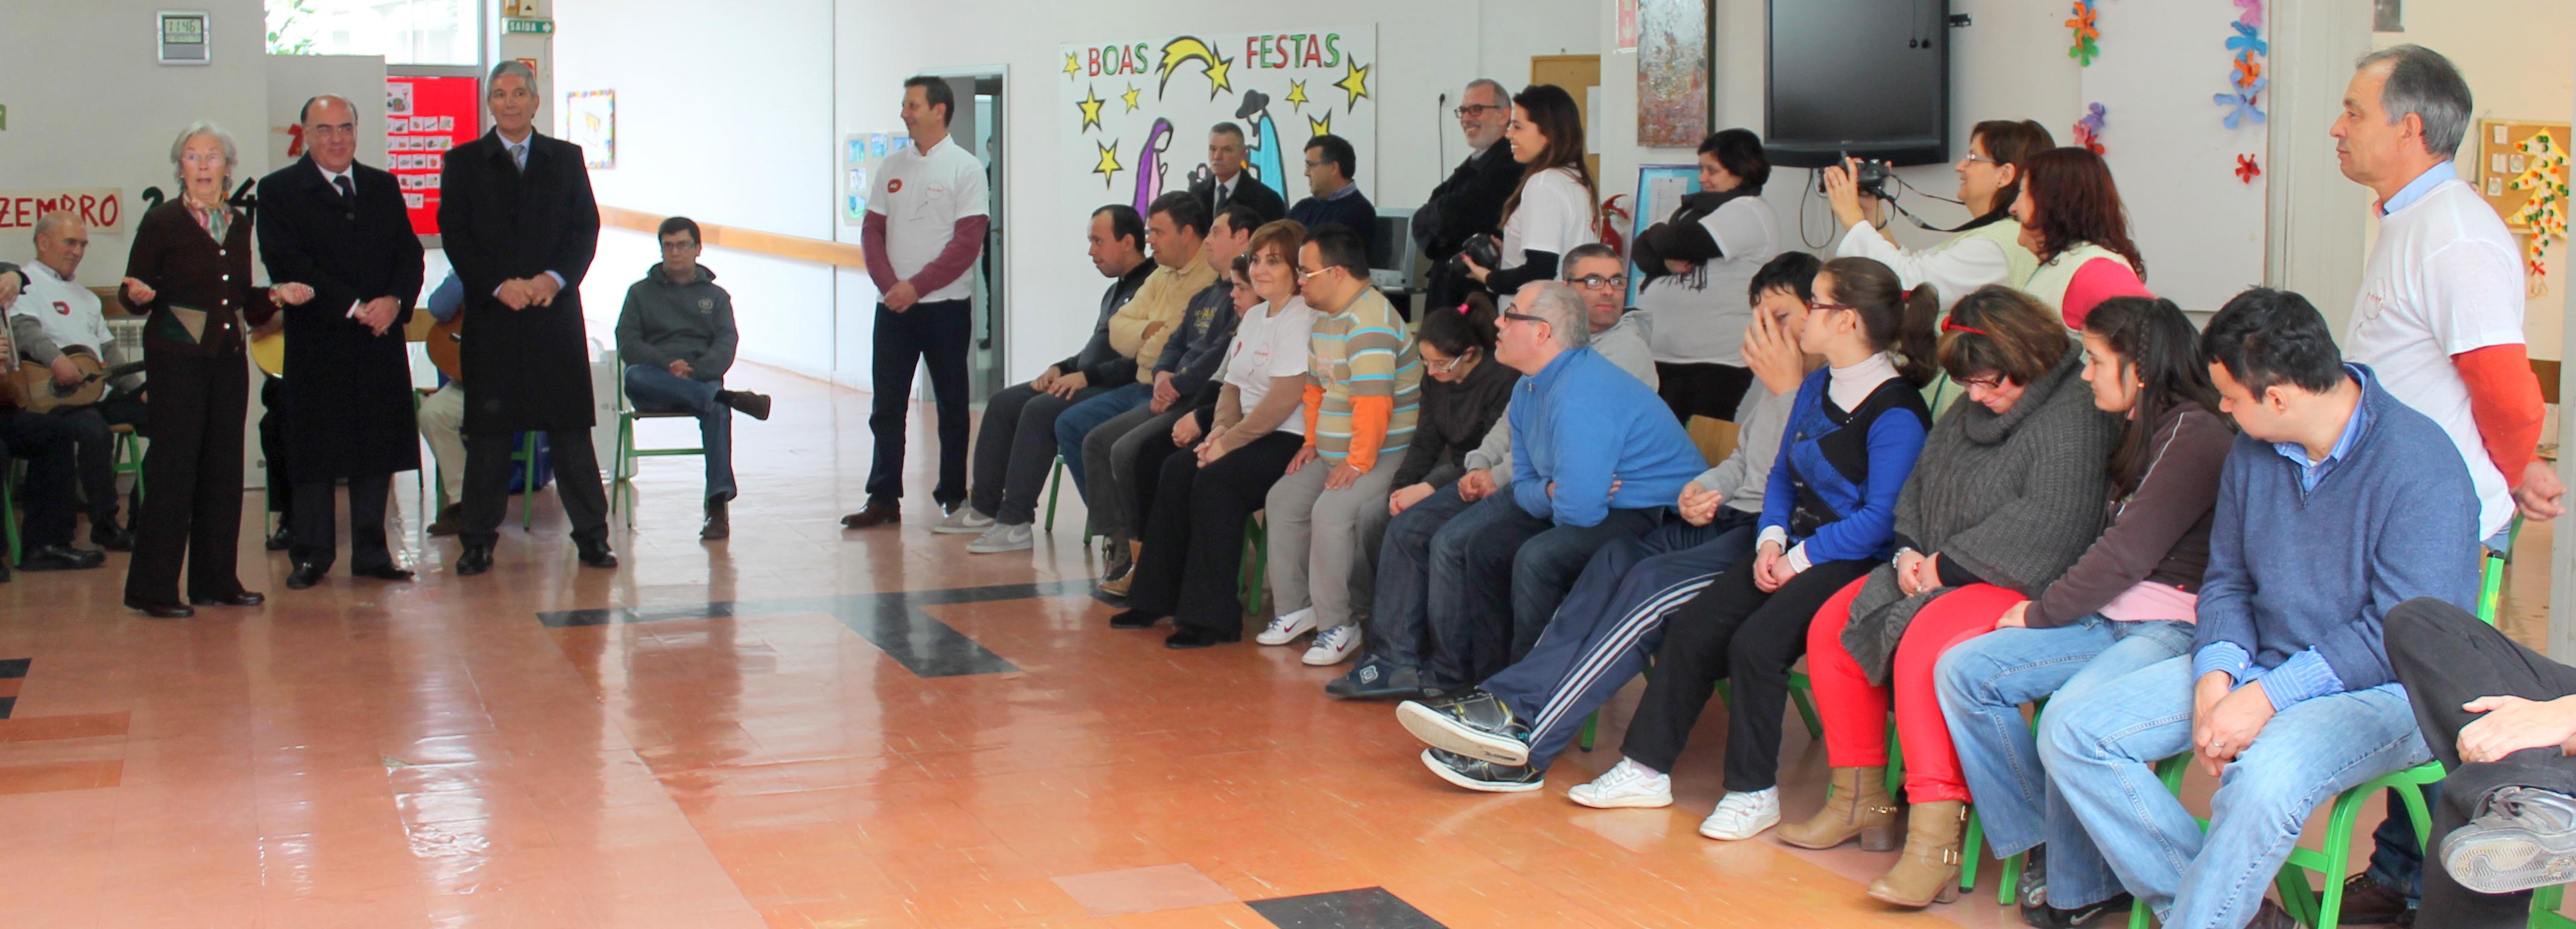 EDP e Câmara Municipal promovem atividade solidária na APACI